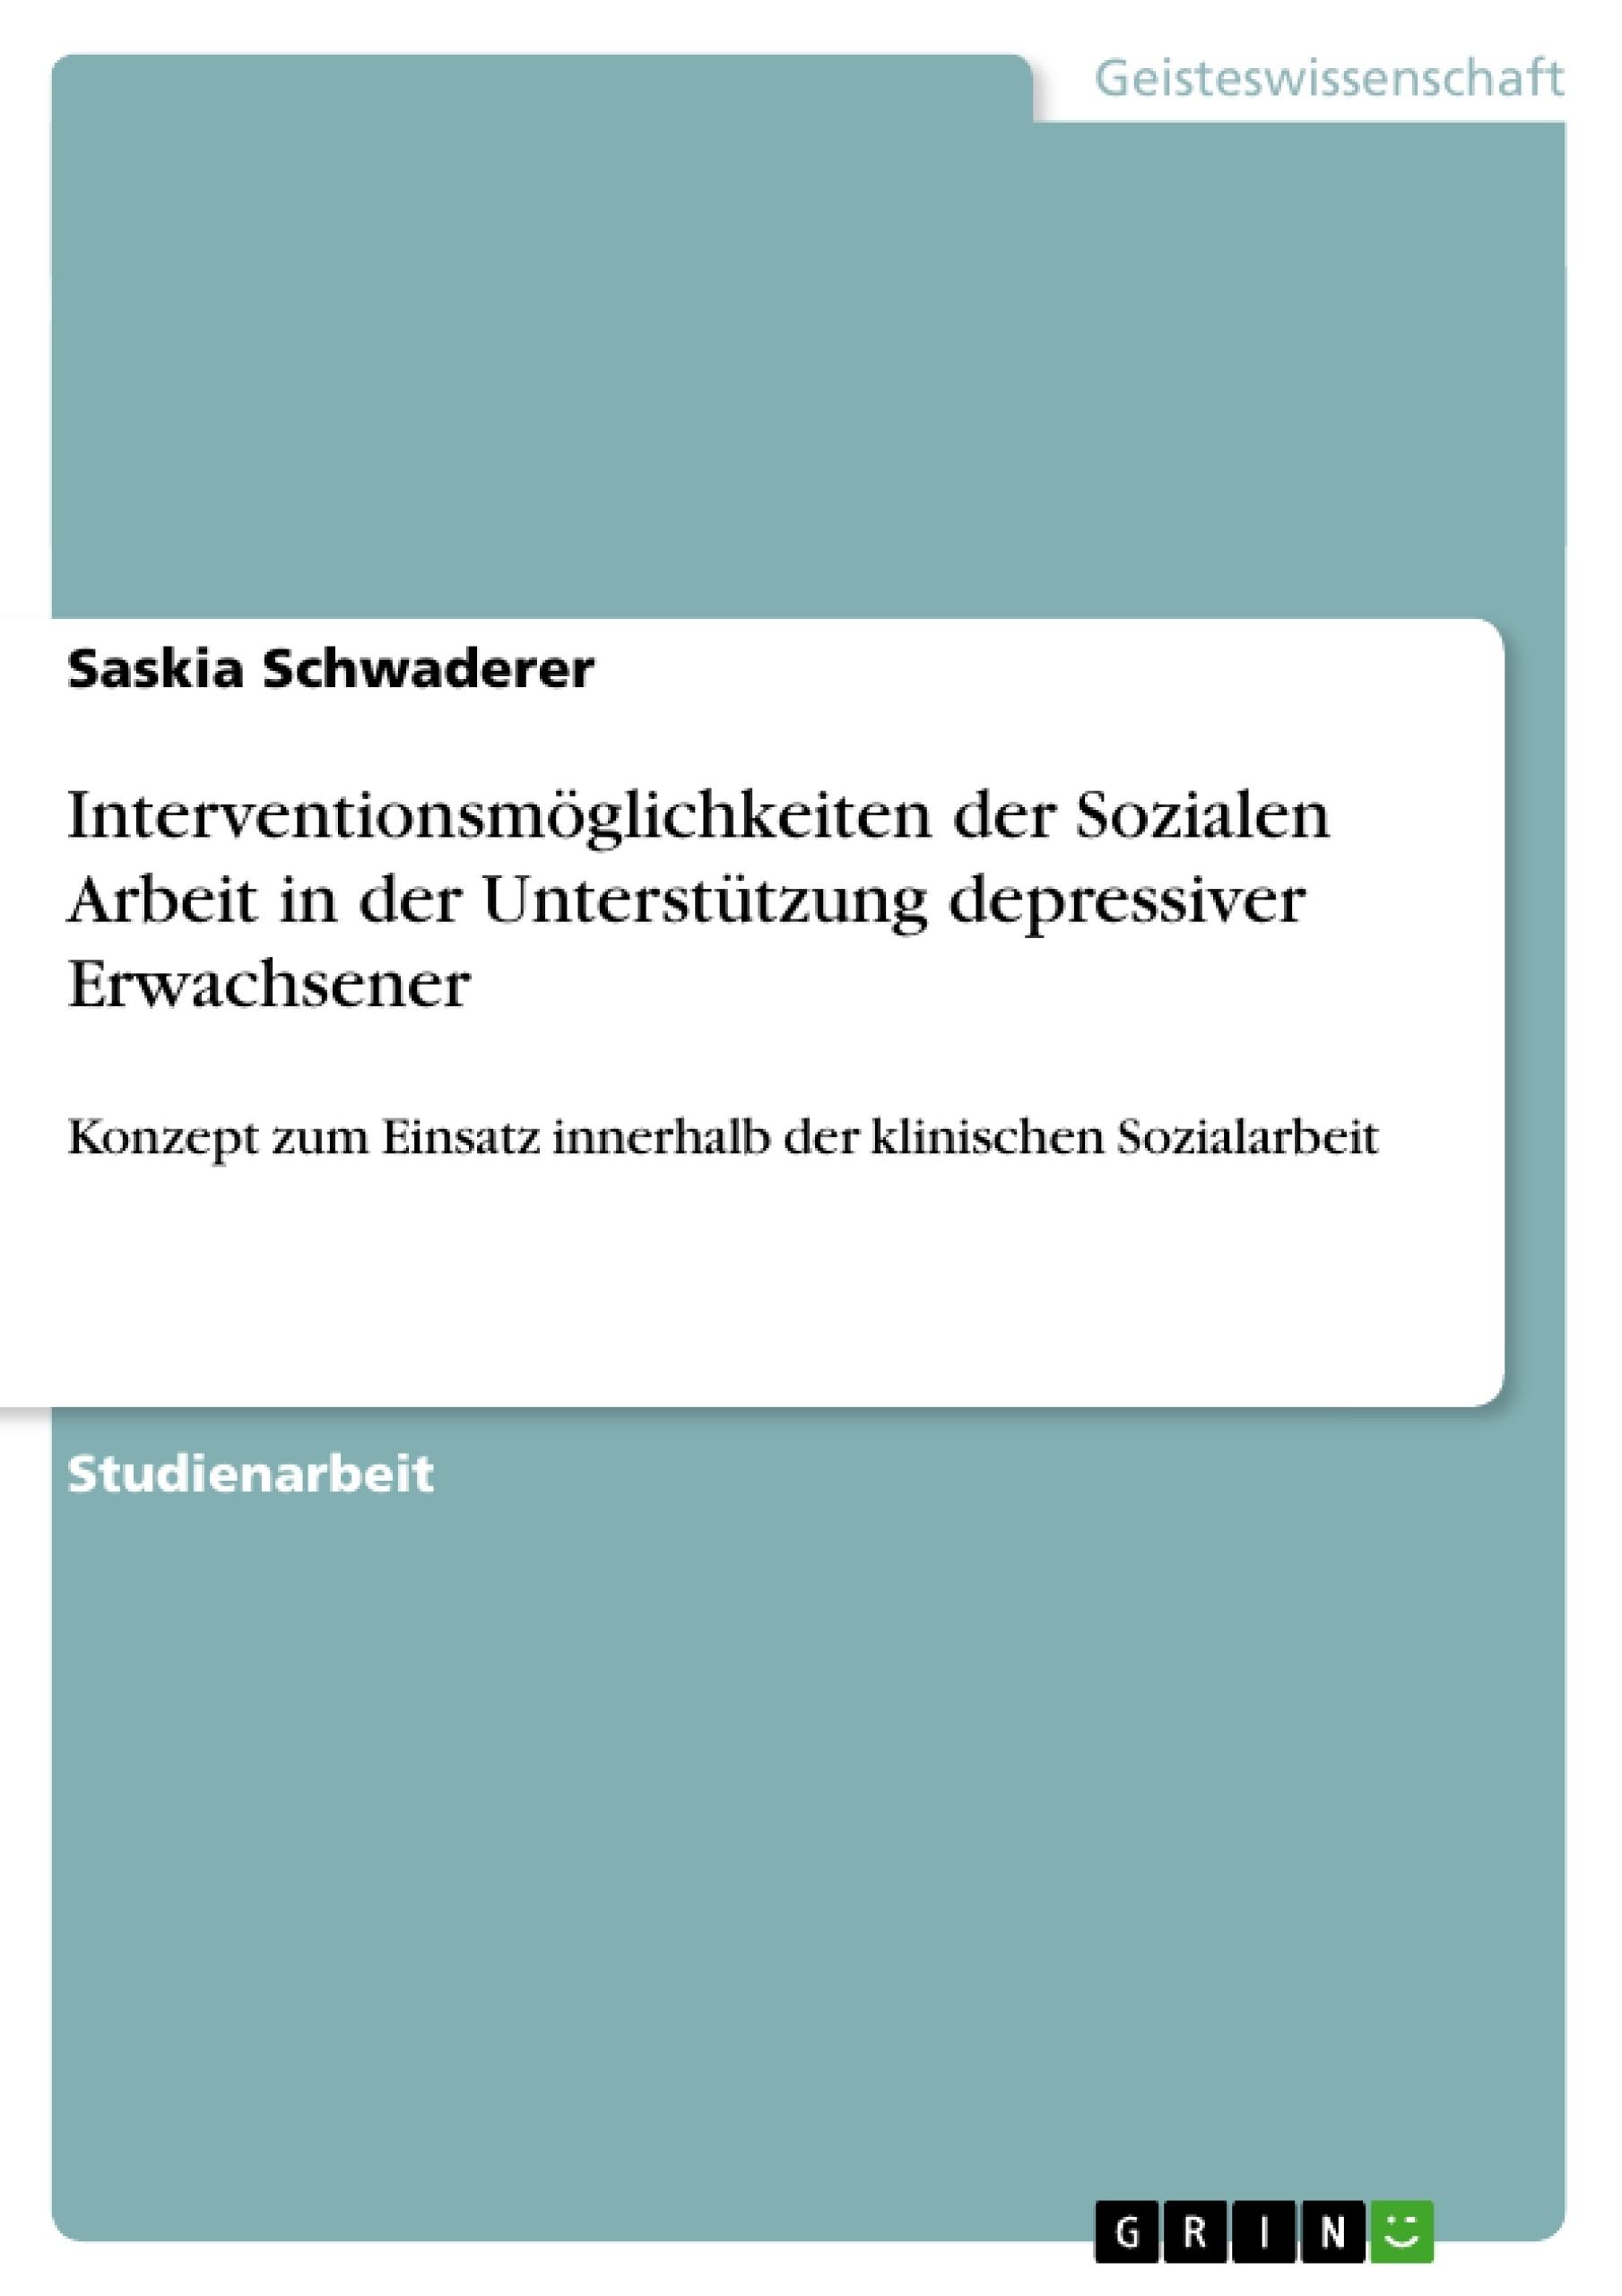 Titel: Interventionsmöglichkeiten der Sozialen Arbeit in der Unterstützung depressiver Erwachsener